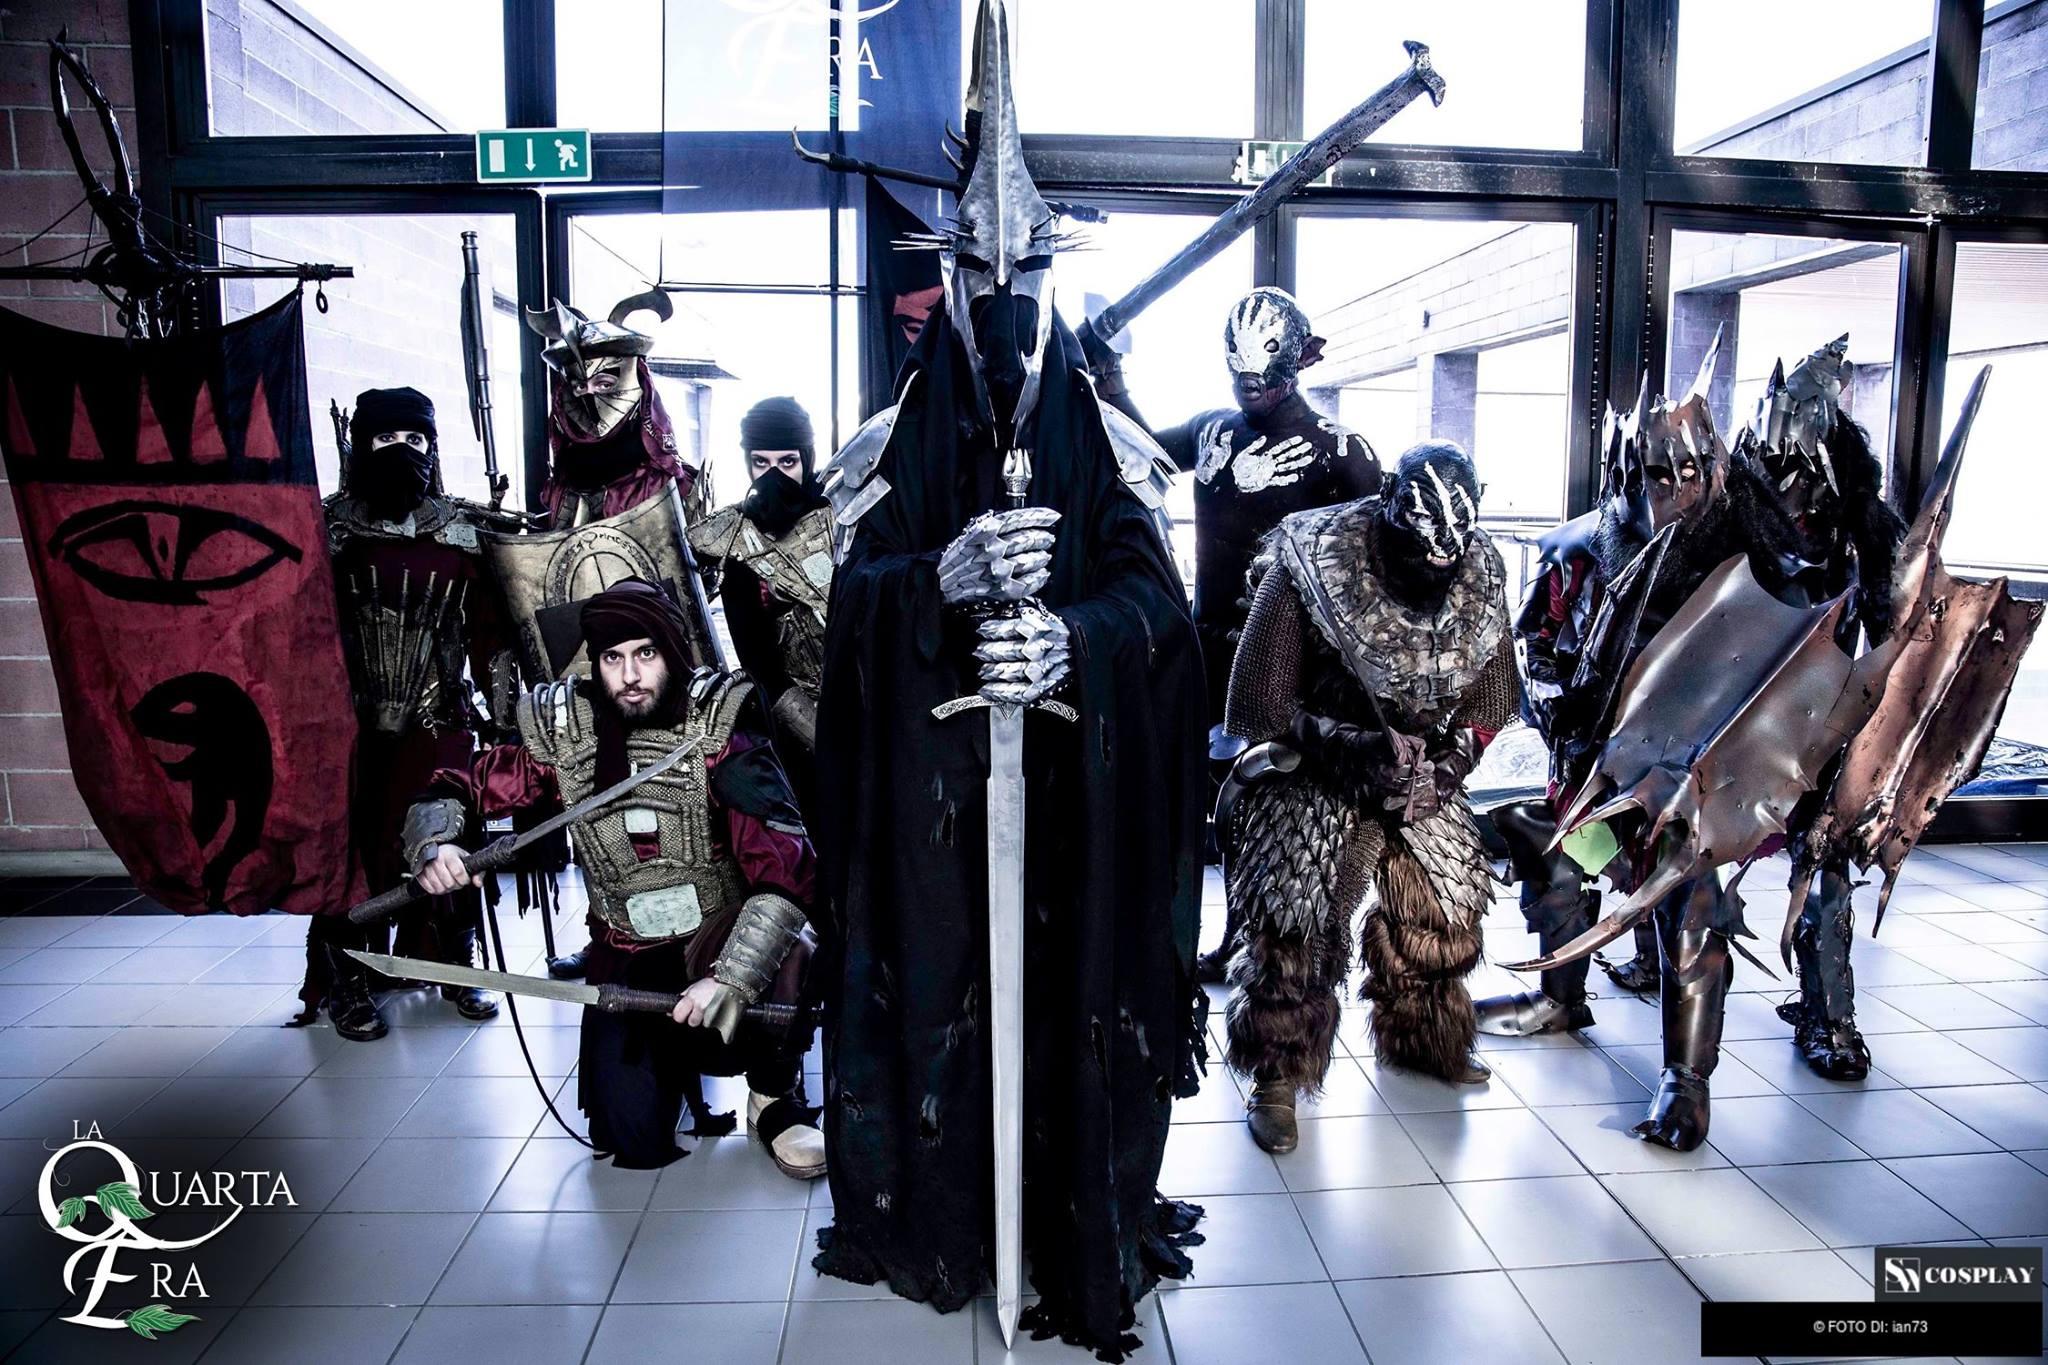 La Quarta Era - Legione Oscura